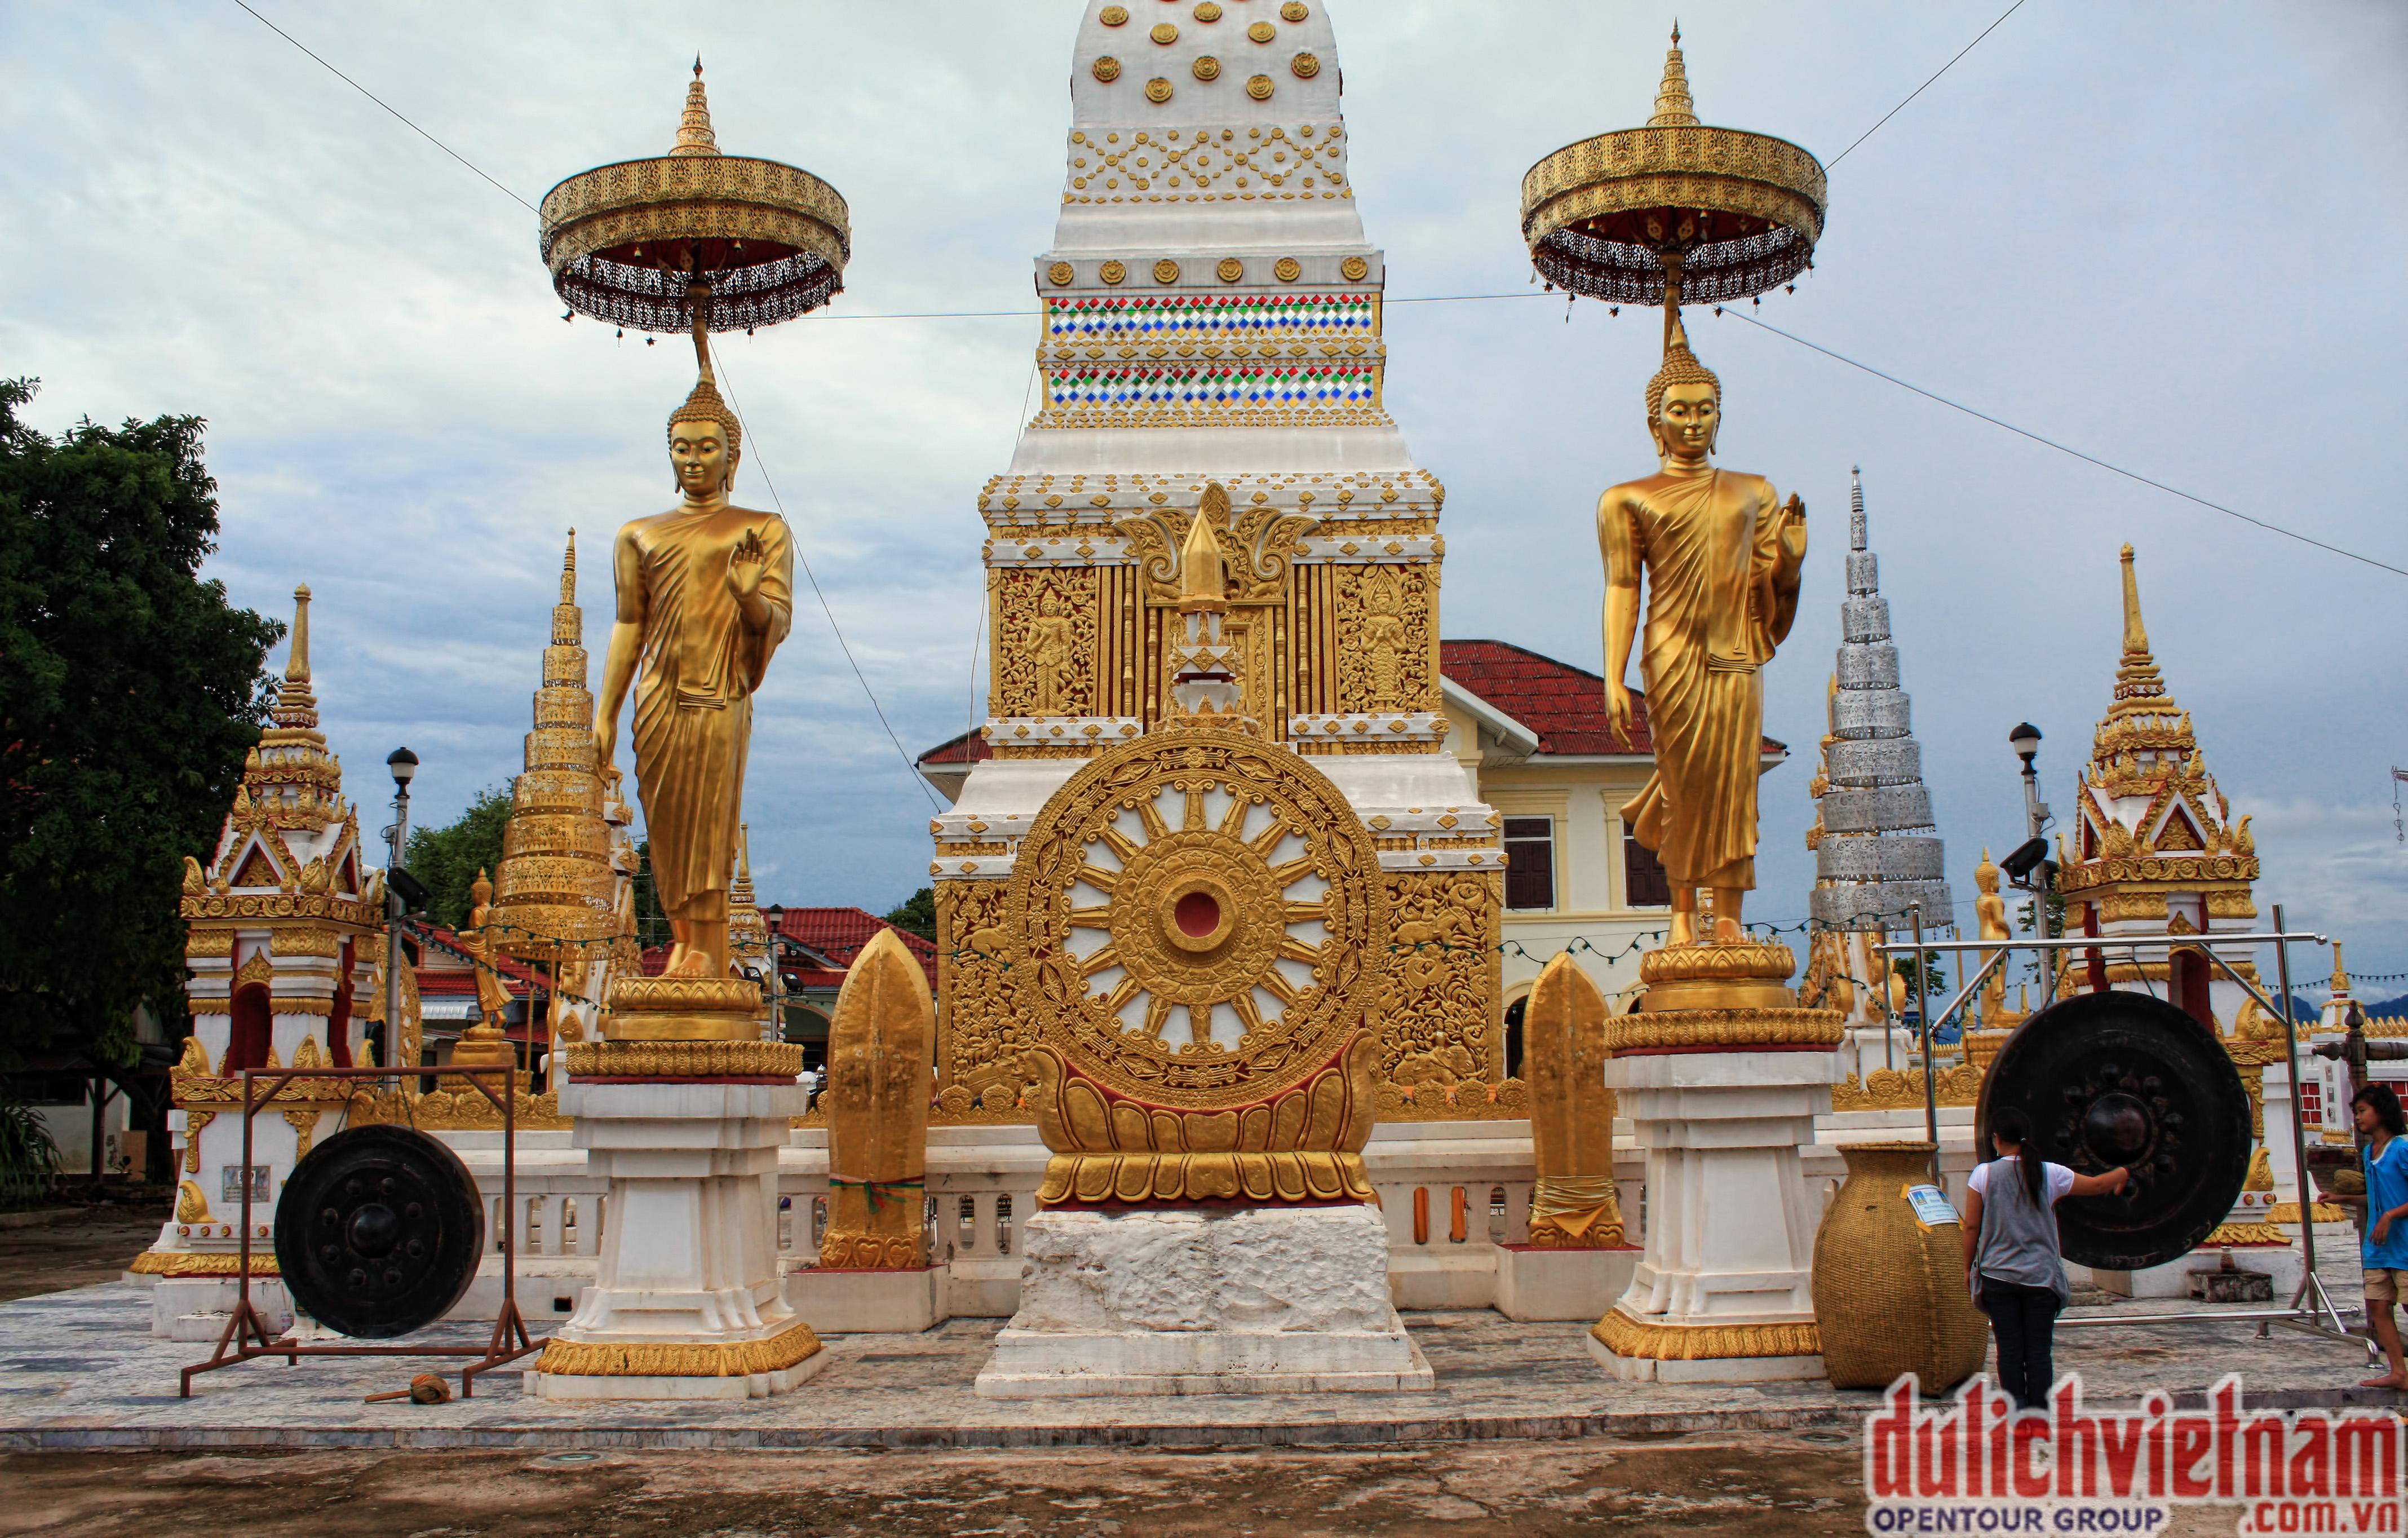 Chùa Xayyaphum - nơi nổi tiếng linh thiêng và là trung tâm văn hóa tâm linh vùng trung Lào.